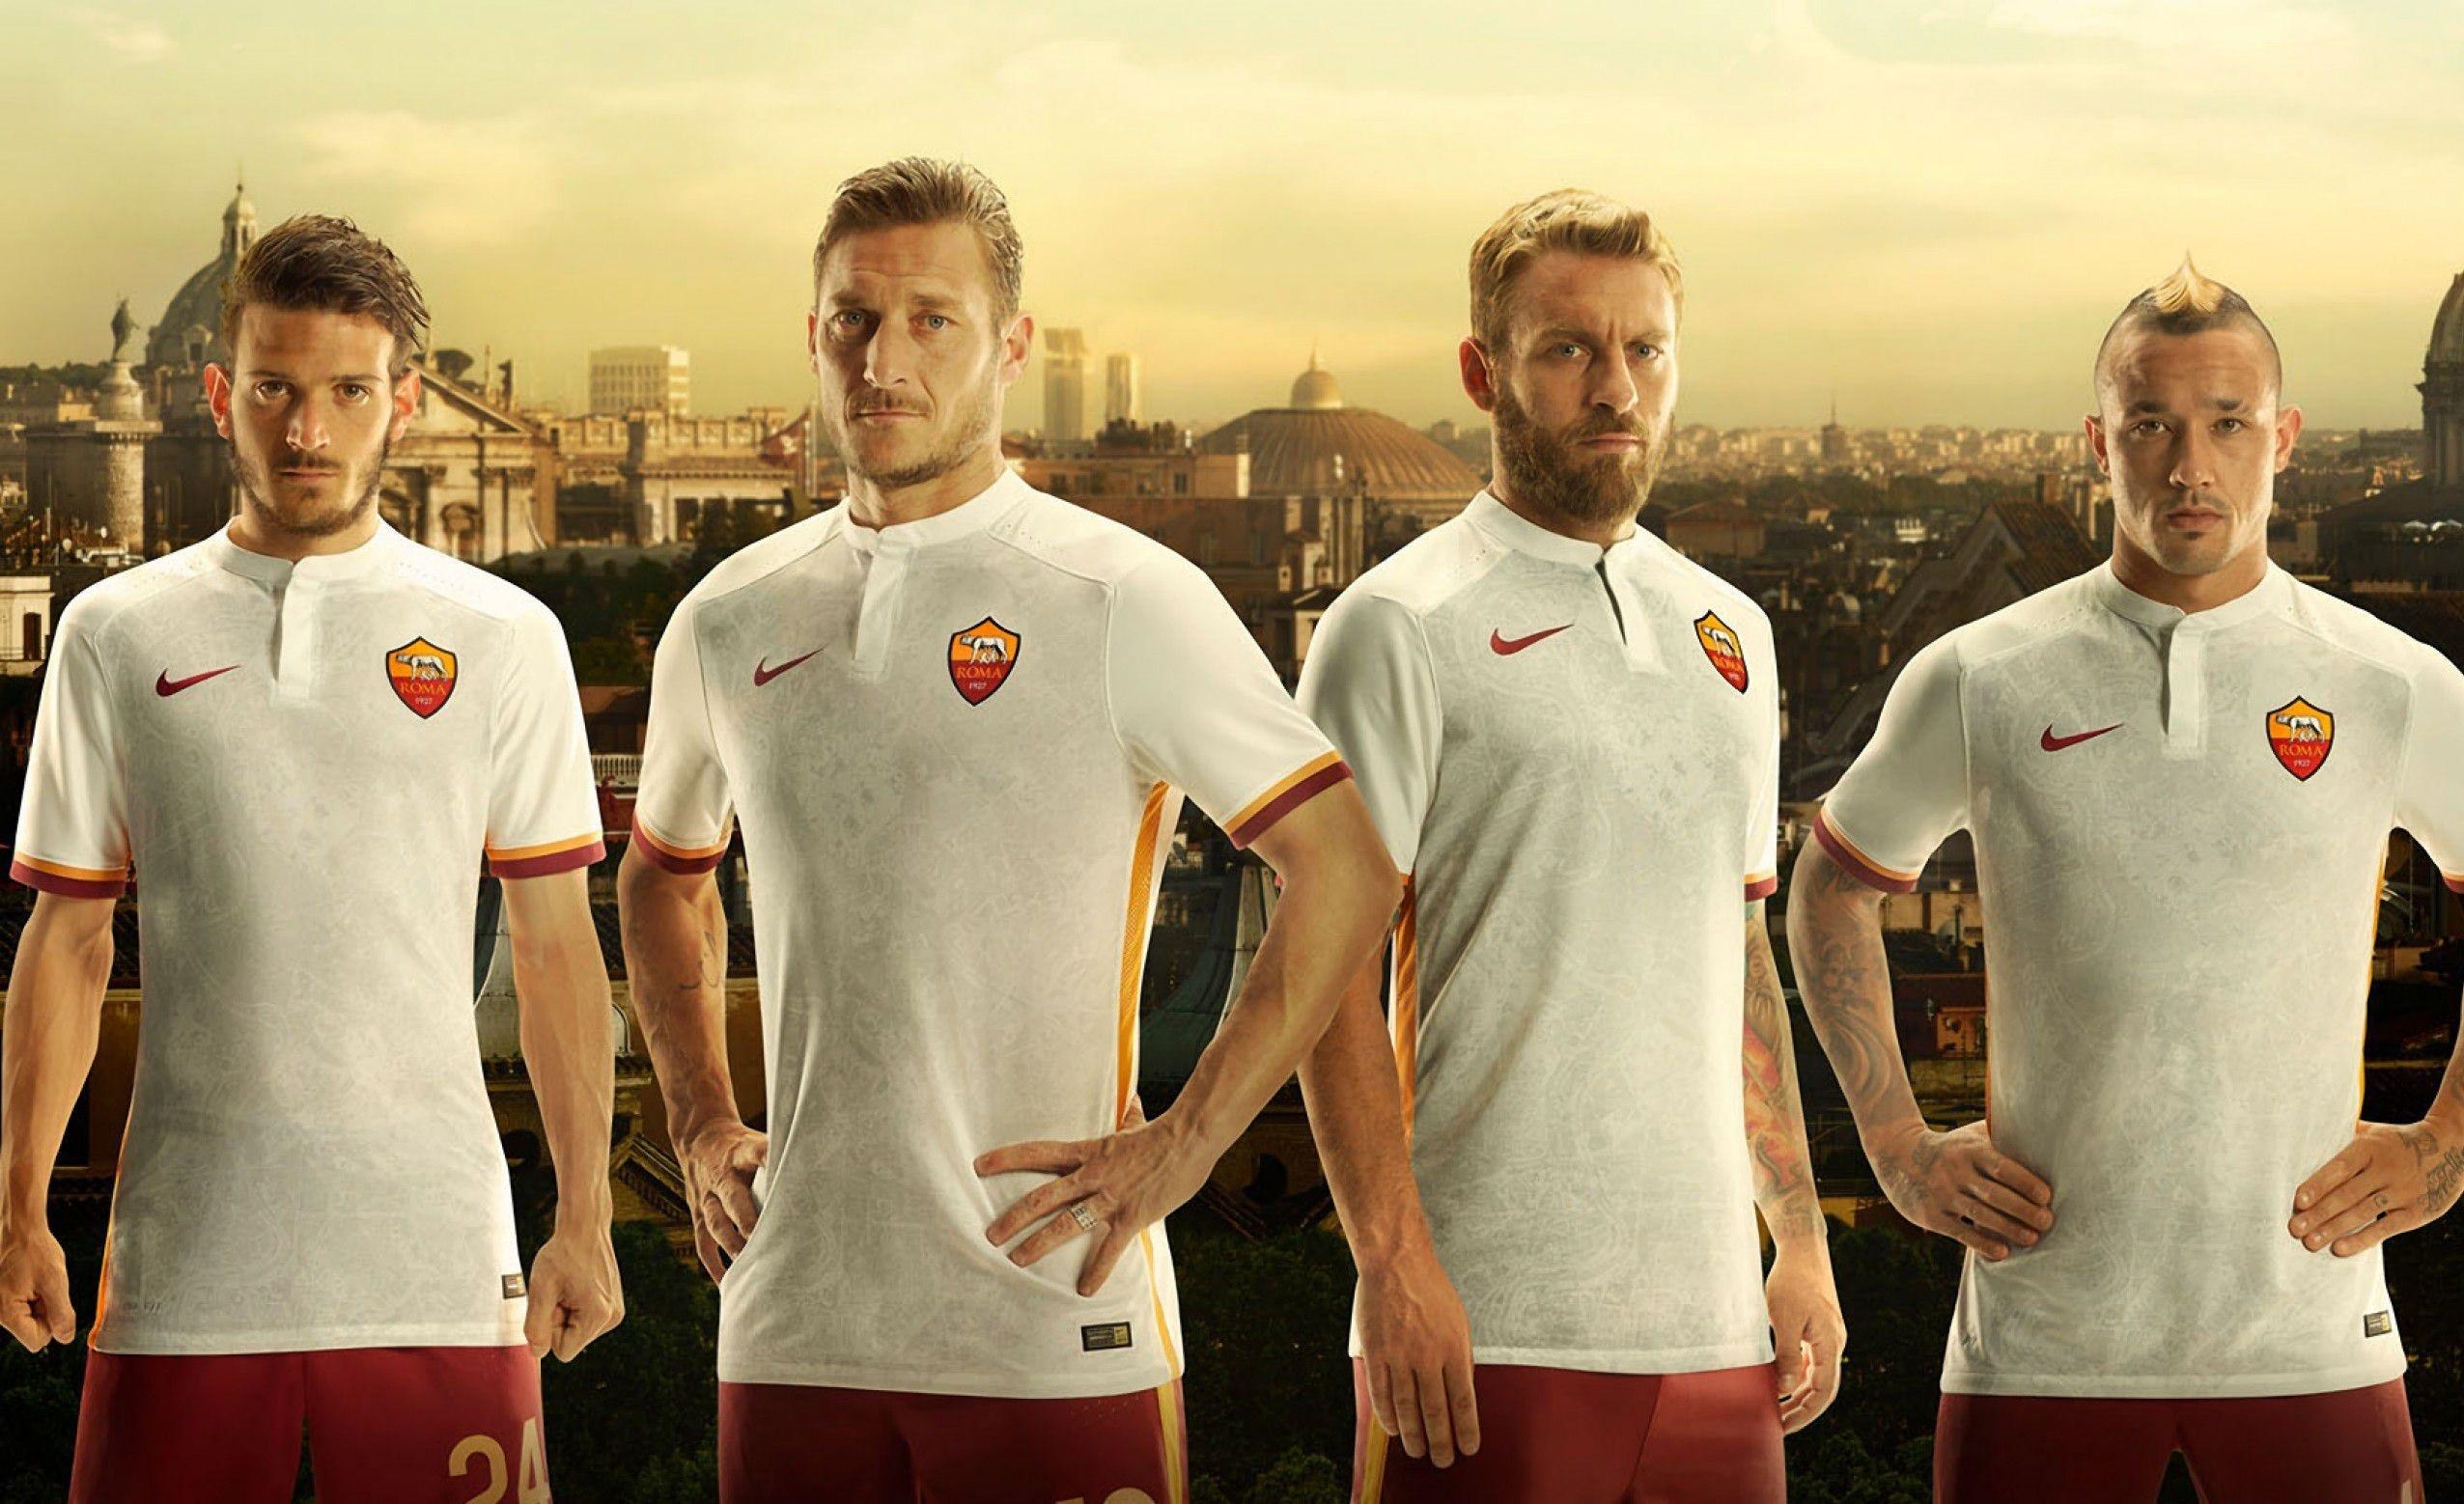 Roma Background image